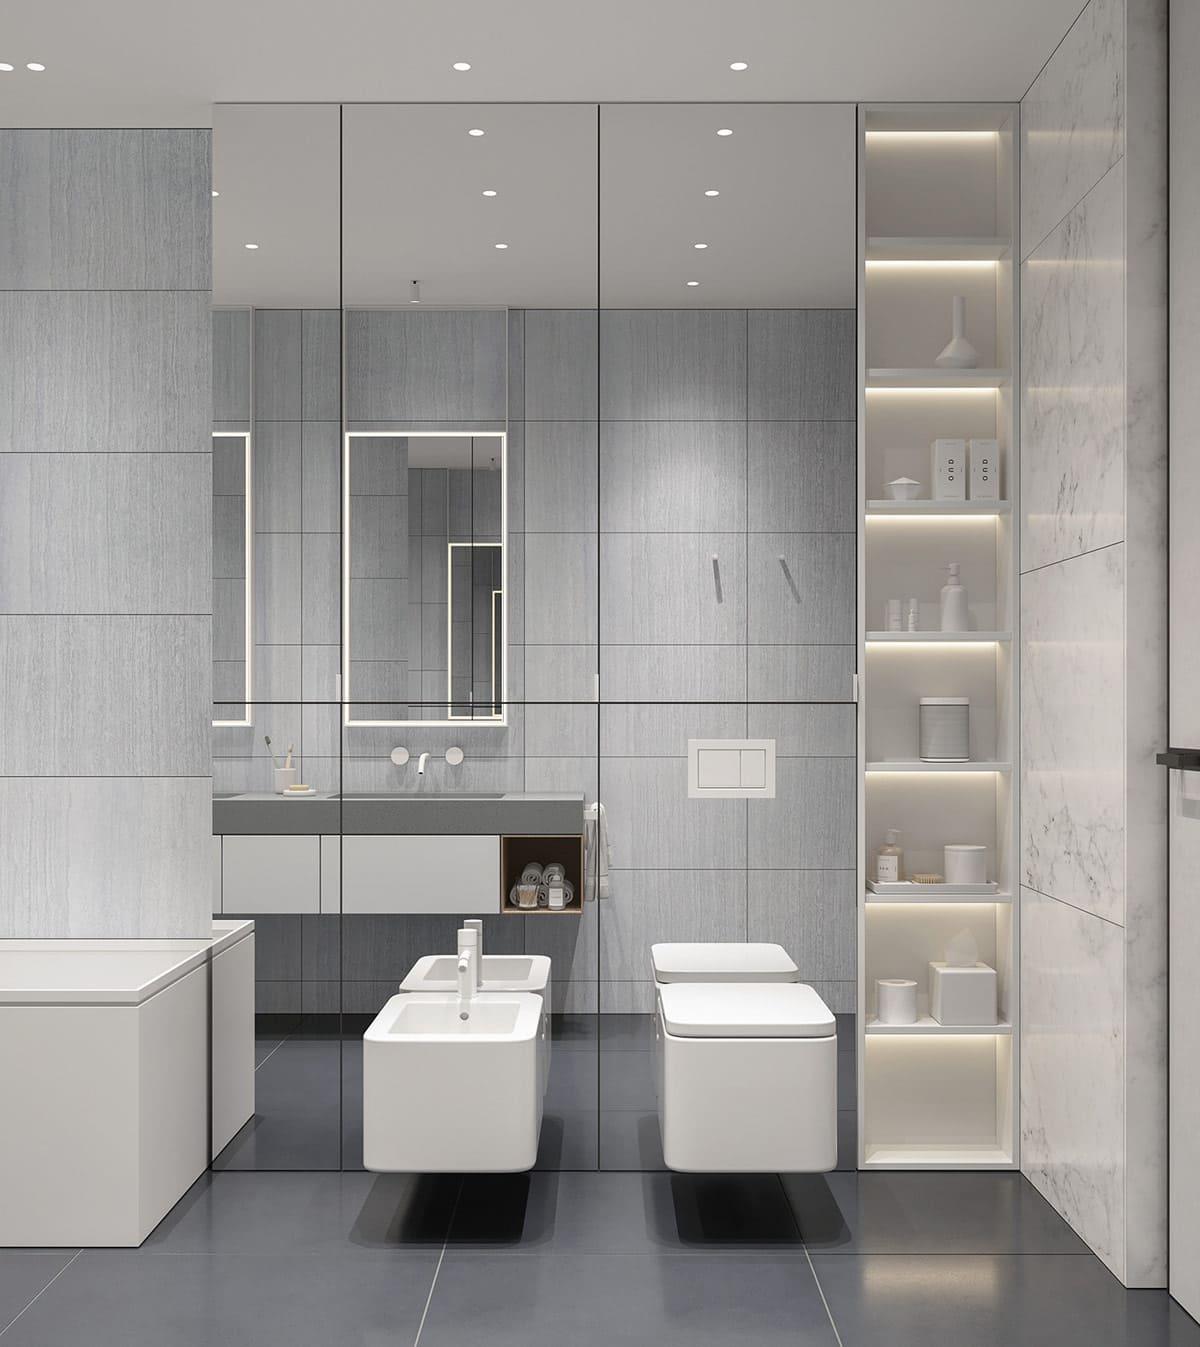 дизайн интерьера ванной комнаты фото 56